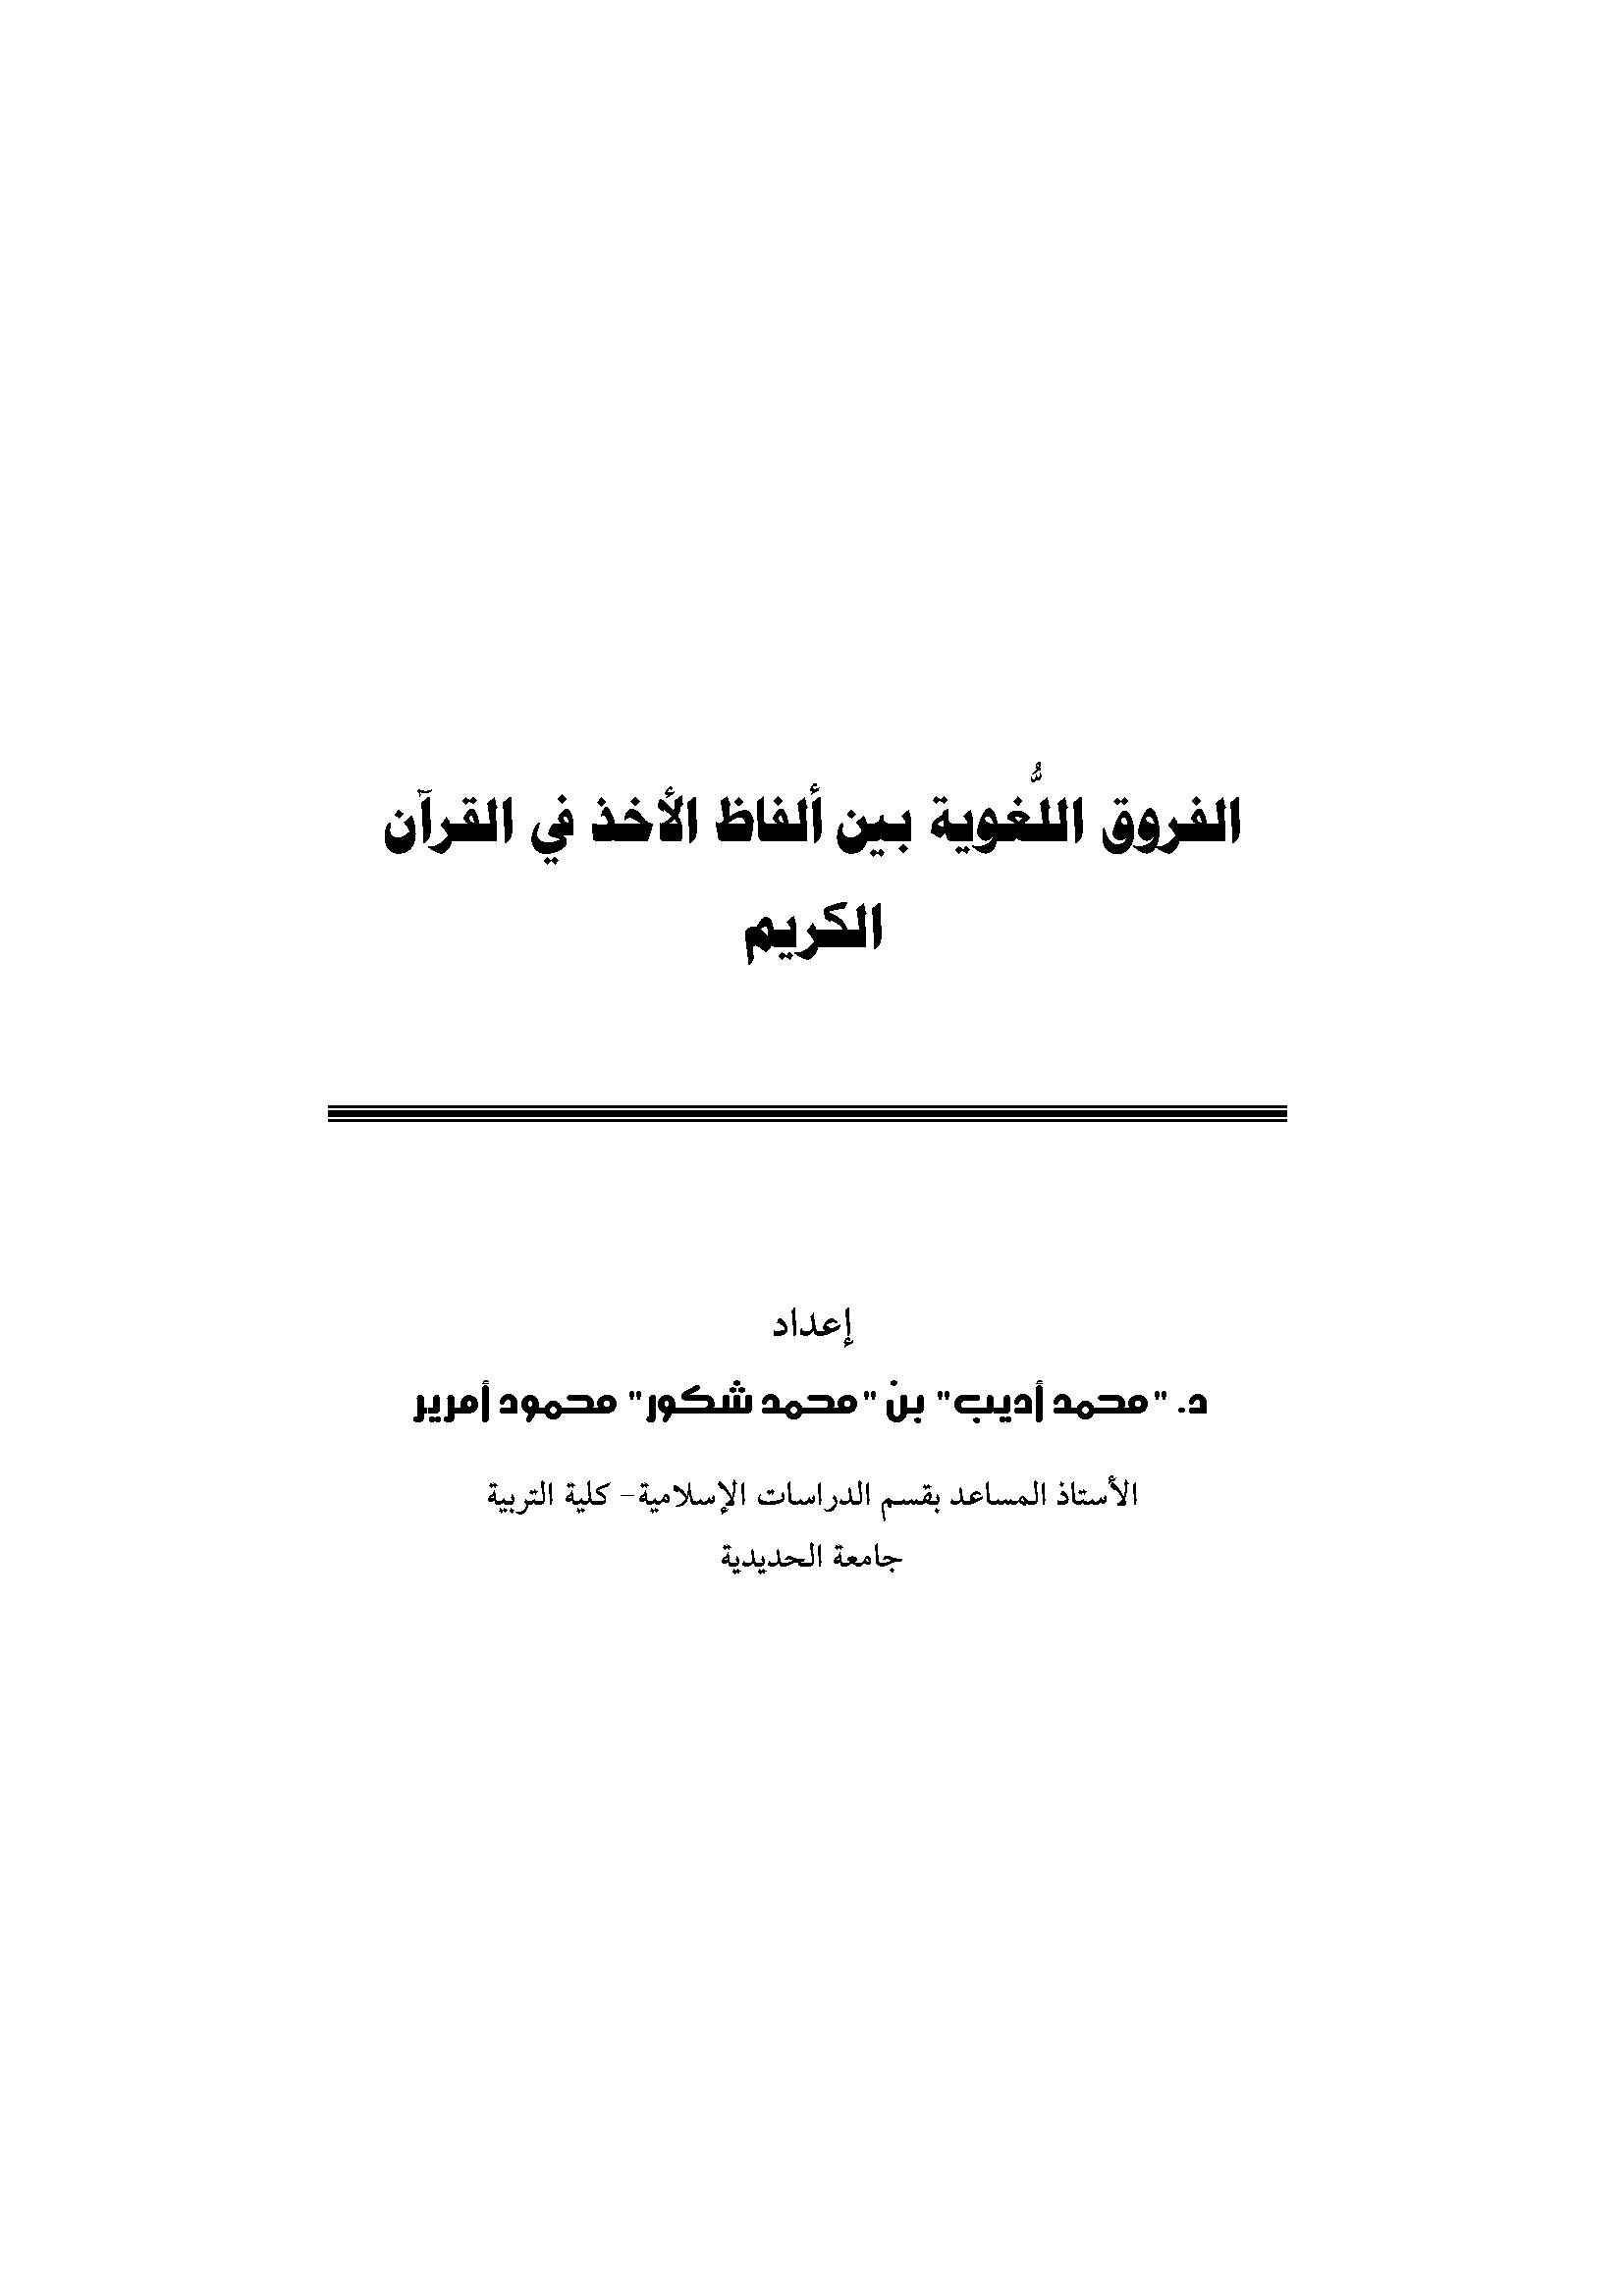 تحميل كتاب الفروق اللغوية بين ألفاظ الأخذ في القرآن الكريم لـِ: الدكتور محمد أديب بن محمد شكور محمود أمرير